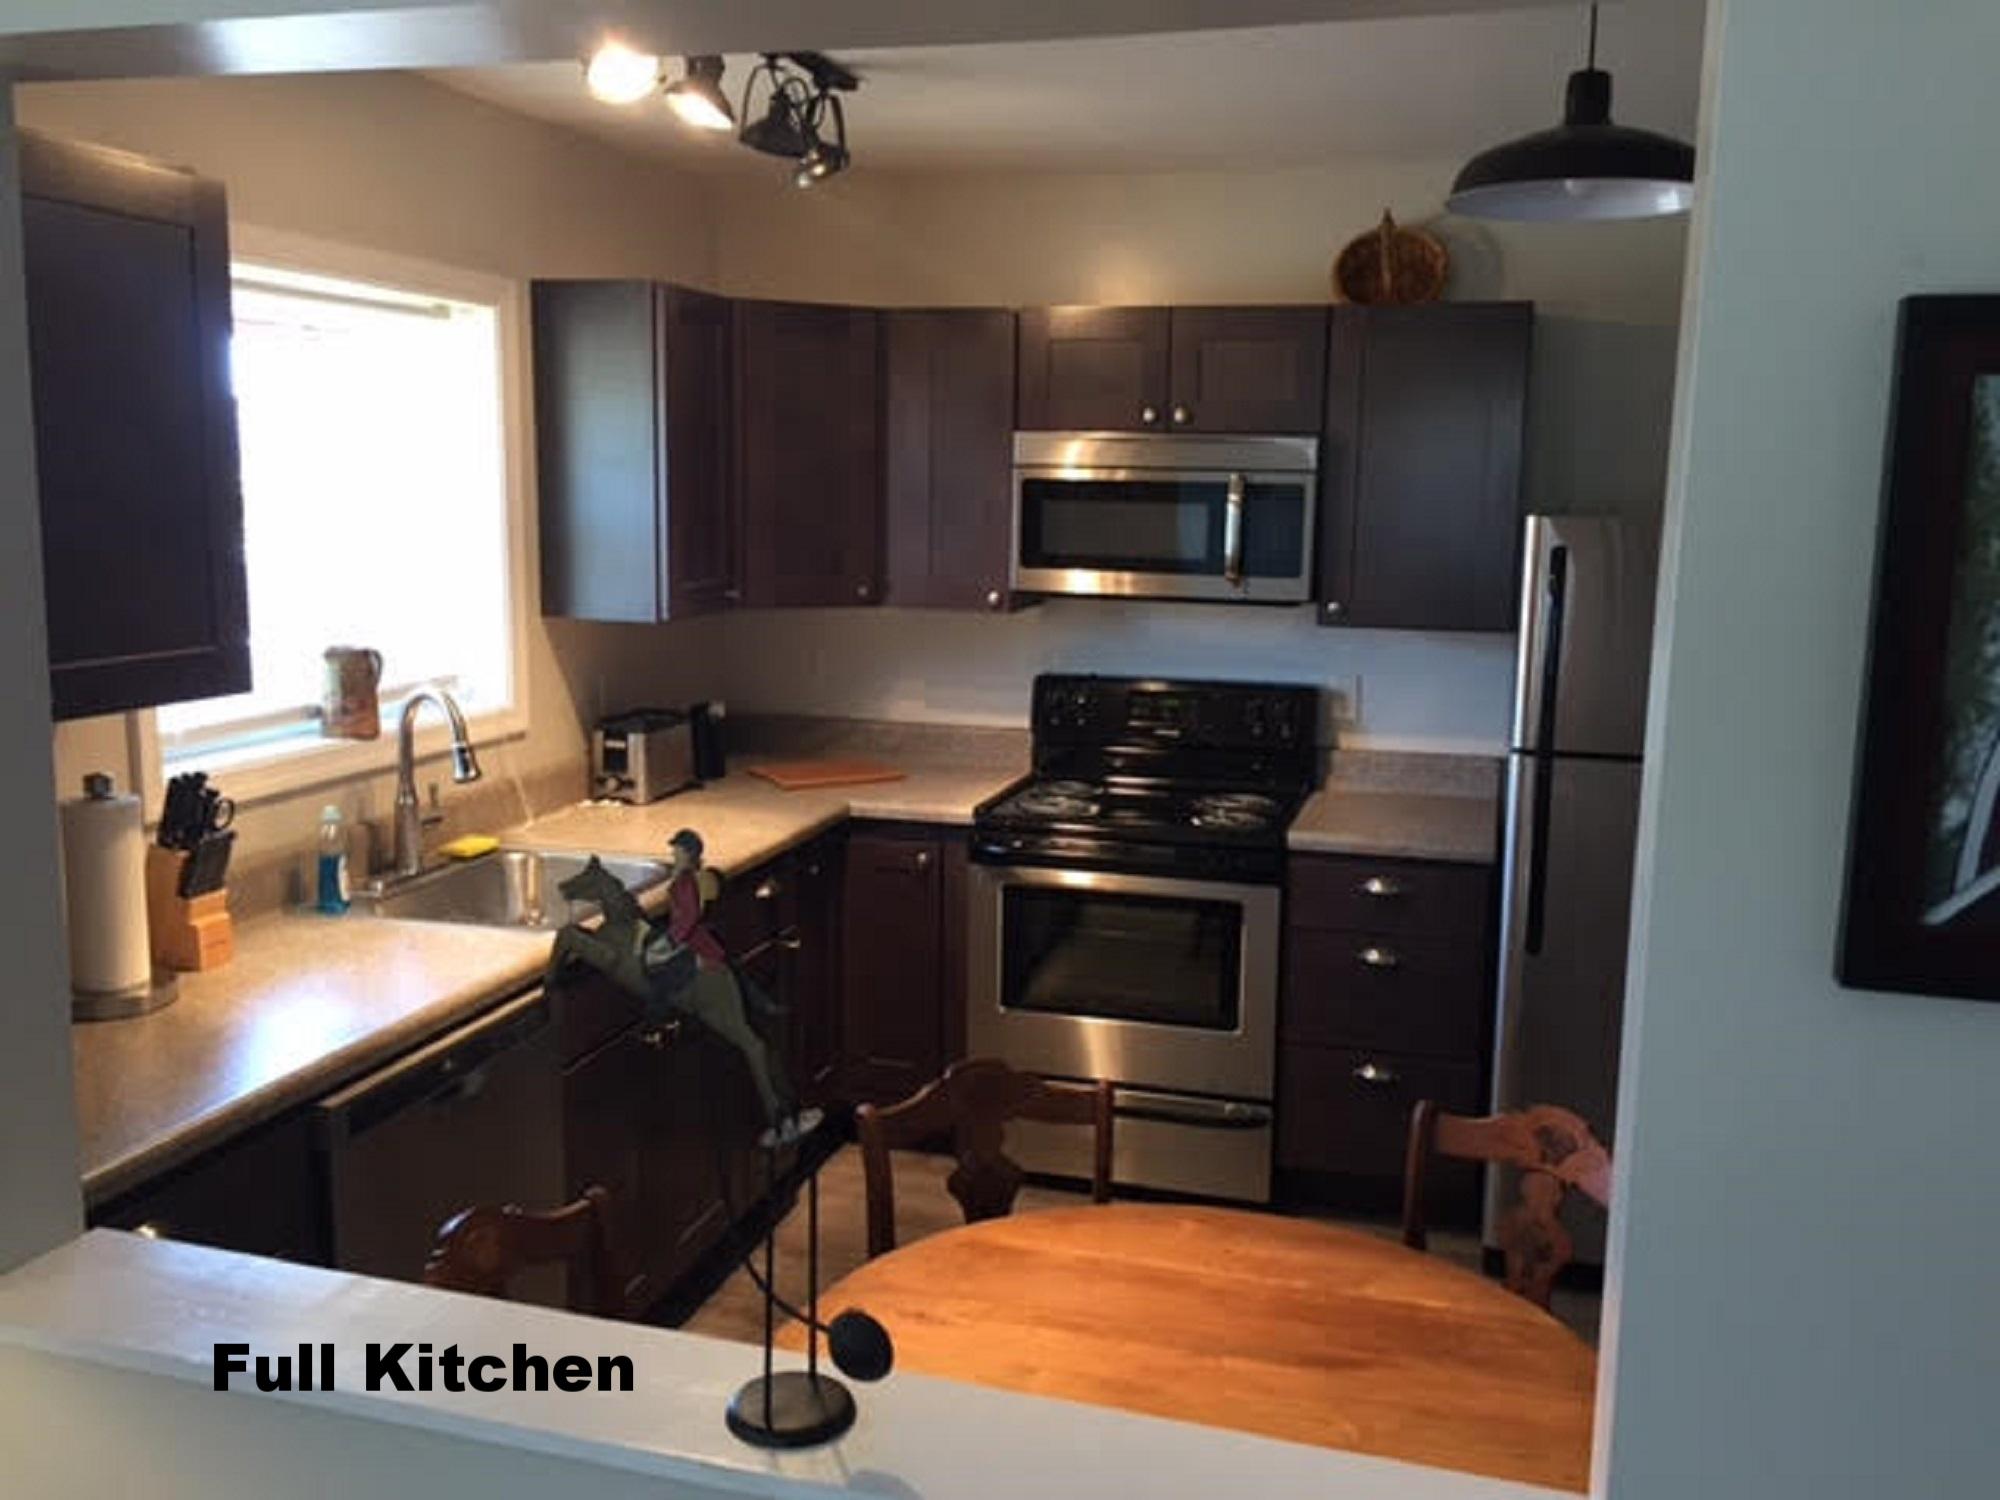 Barn Apt. Kitchen 2 resized.jpg